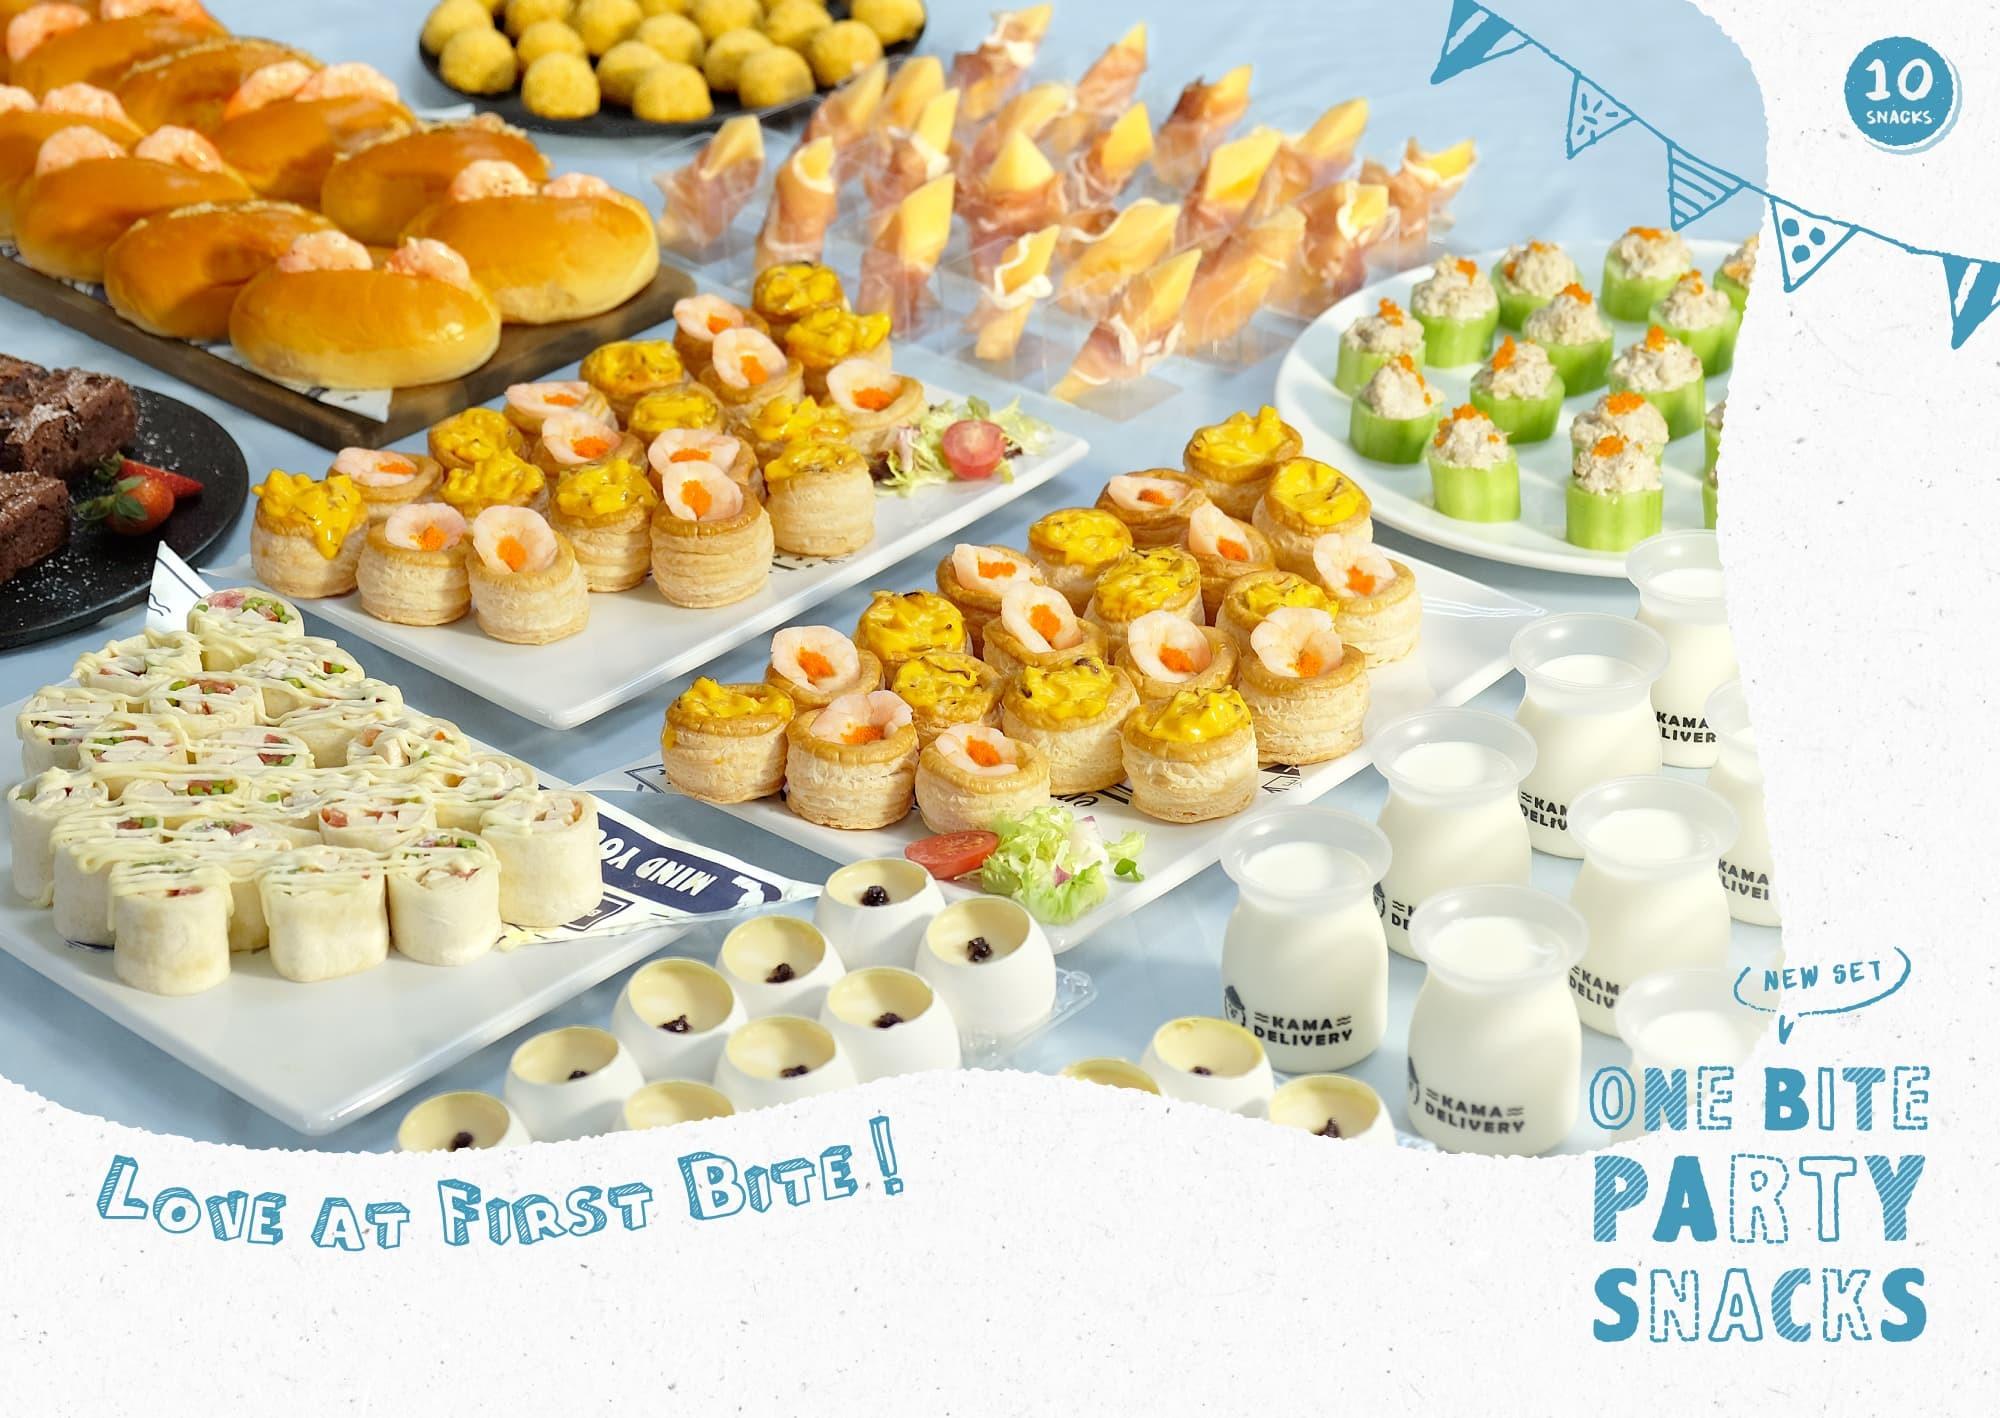 61人外賣套餐訂購|Kama Delivery炮製的一口派對小食Set適合在私人婚宴酒會、百日宴、座談會、店舖開張、演講會、企業簡介會、公司講座、辦公室會議、慶功宴等場合享用。